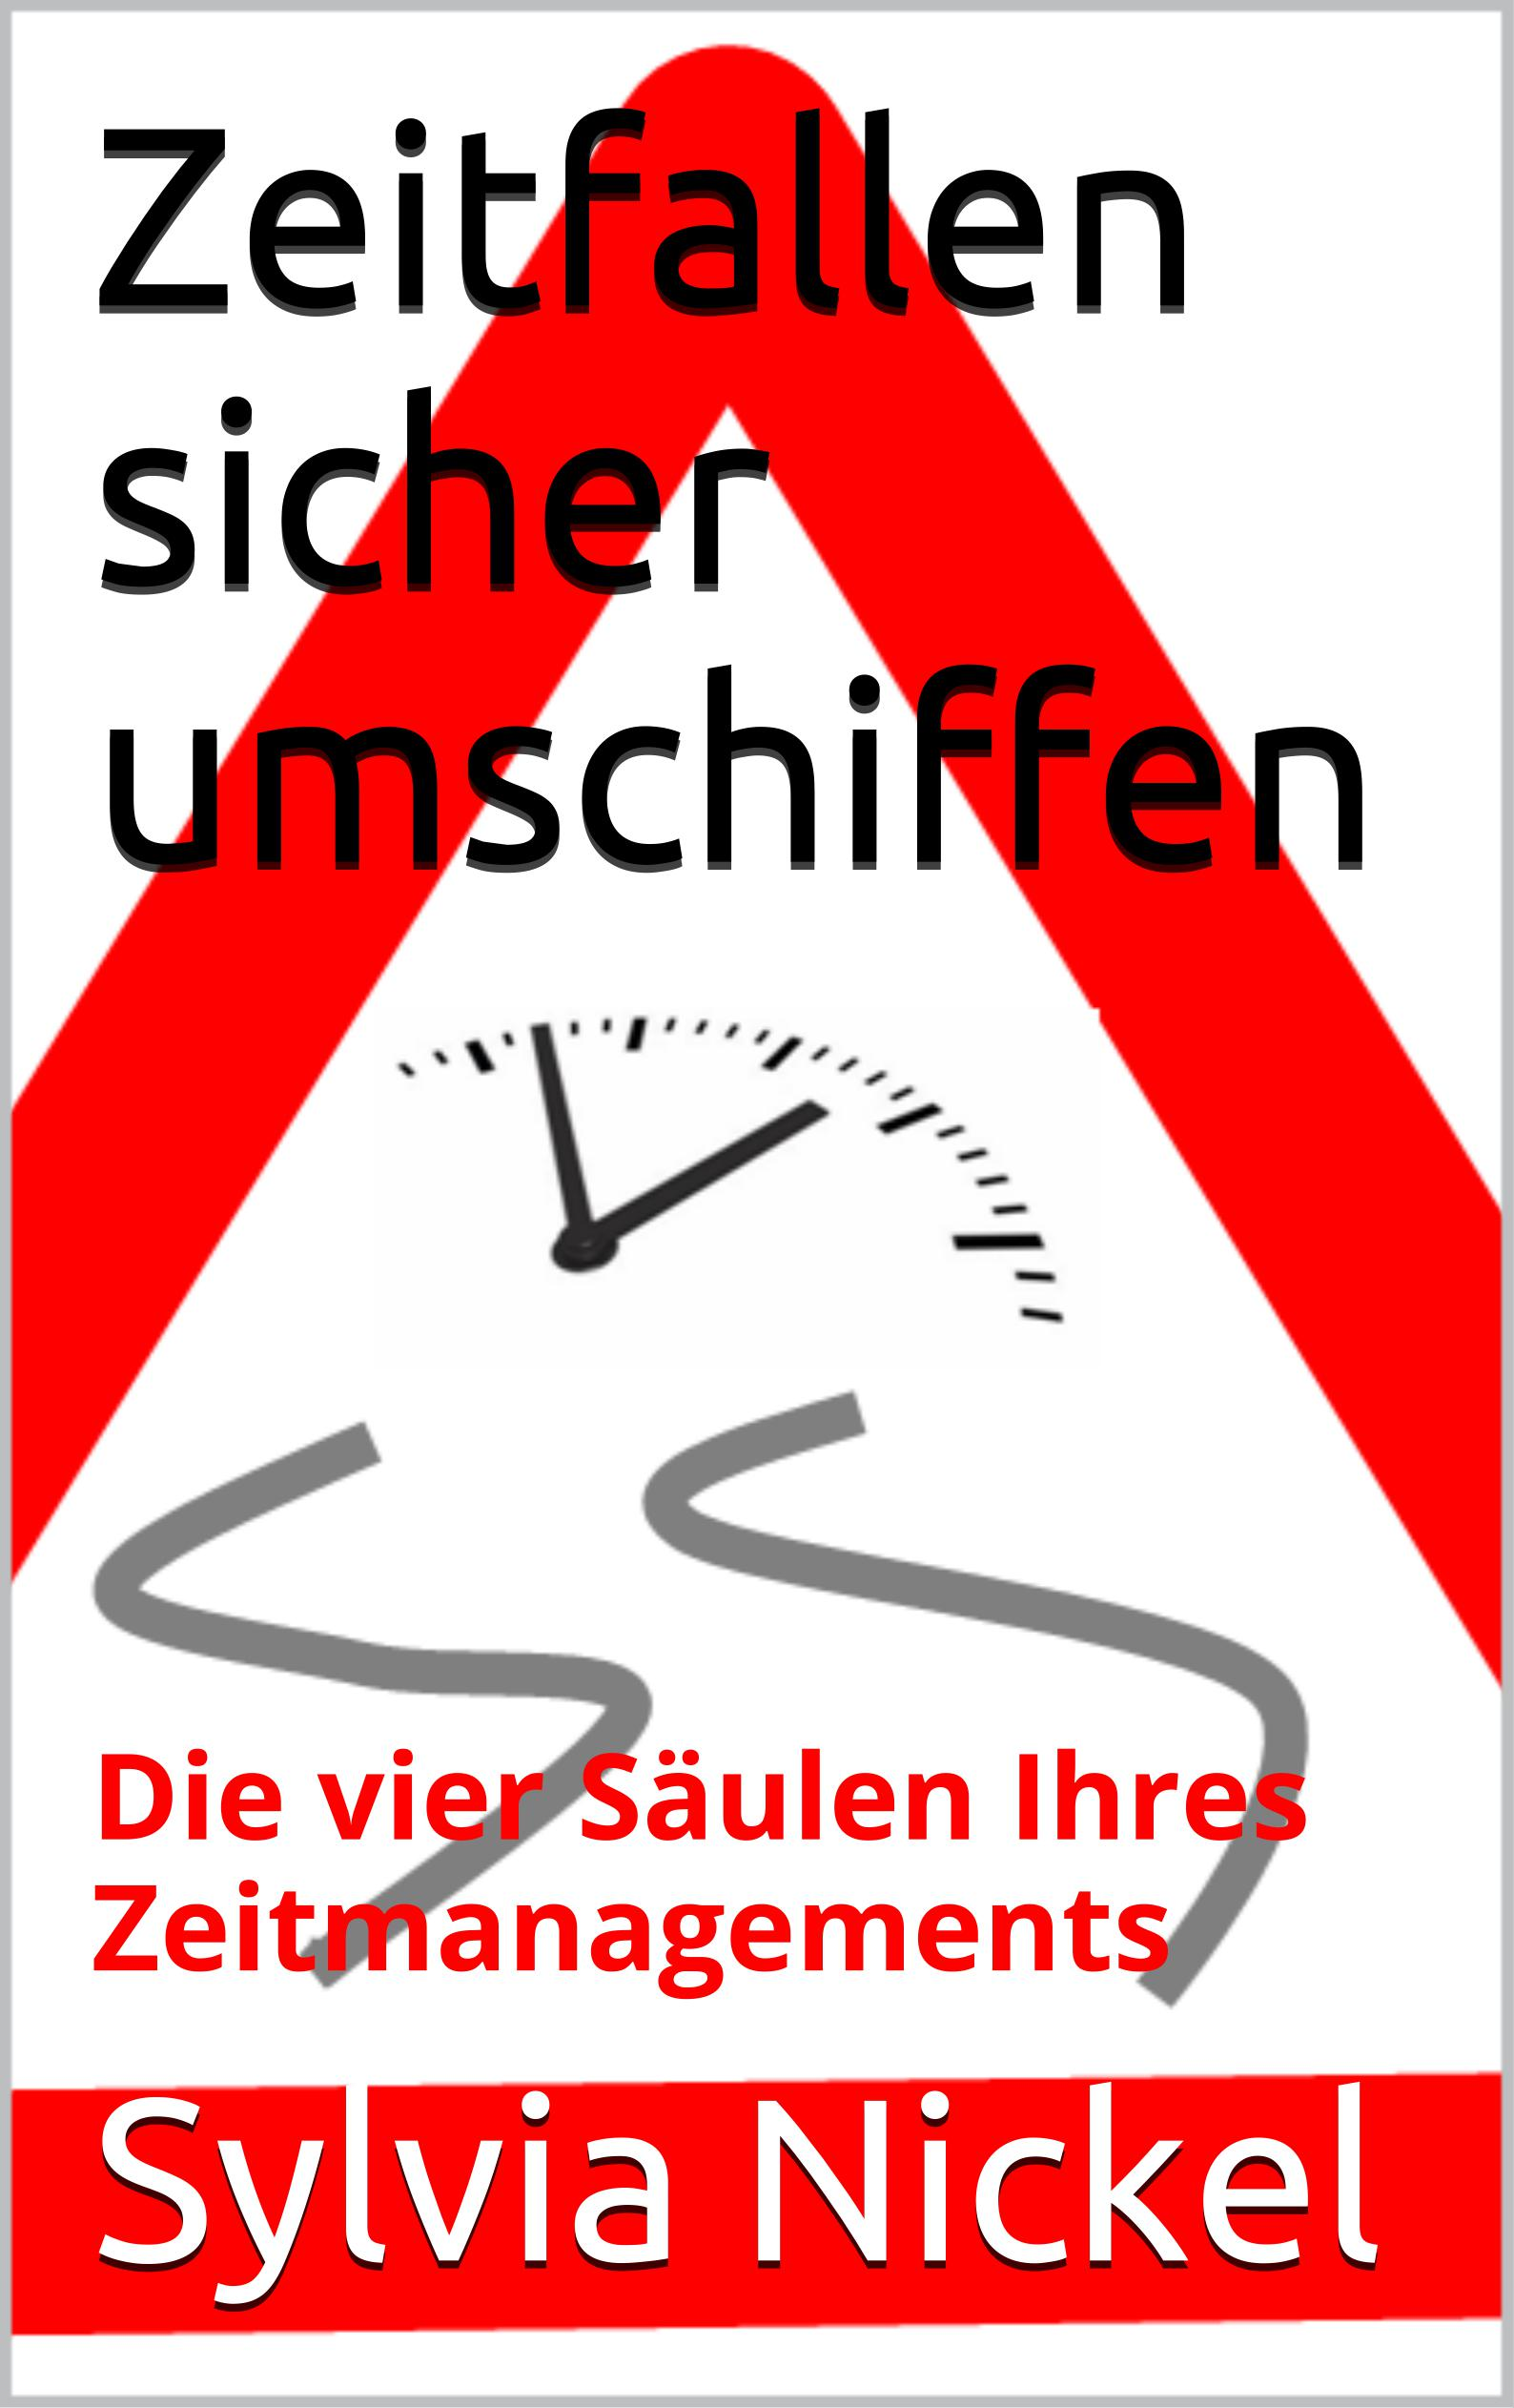 Zeitfallen sicher umschiffen (c) Sylvia Nickel   2nc.de